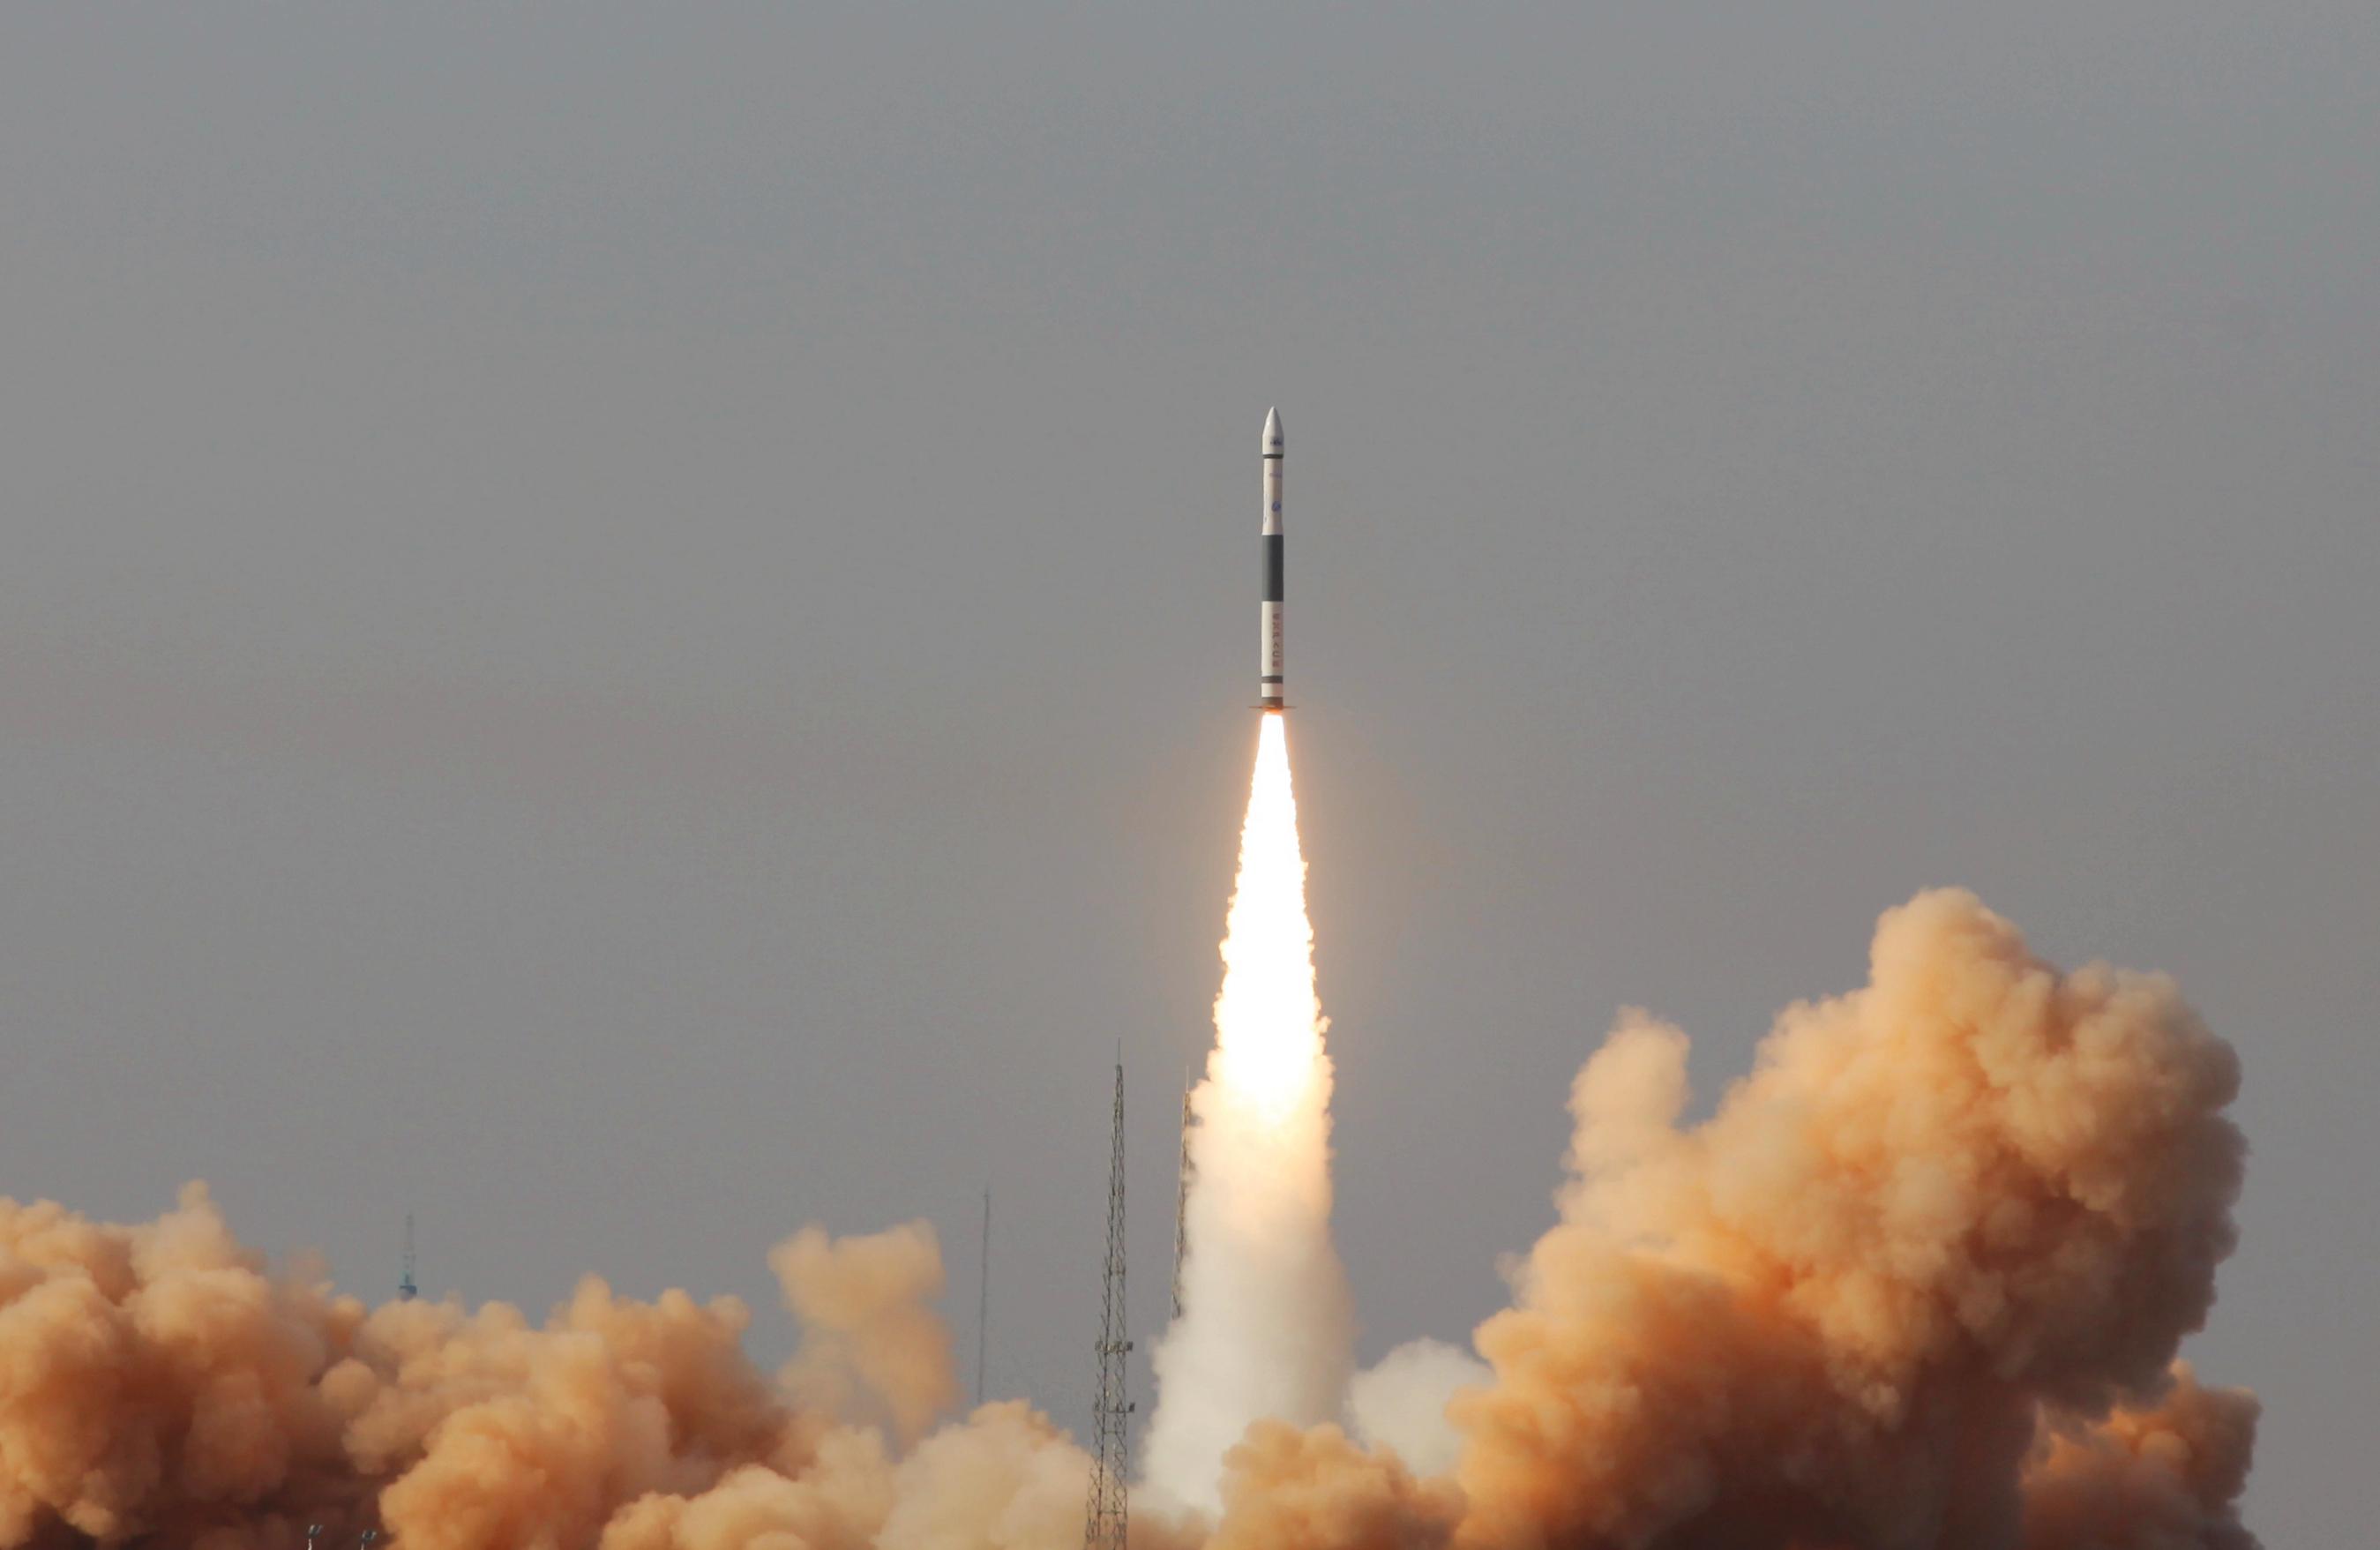 淘宝直播打开新经济的想象力:4000万元的火箭,也秒空!